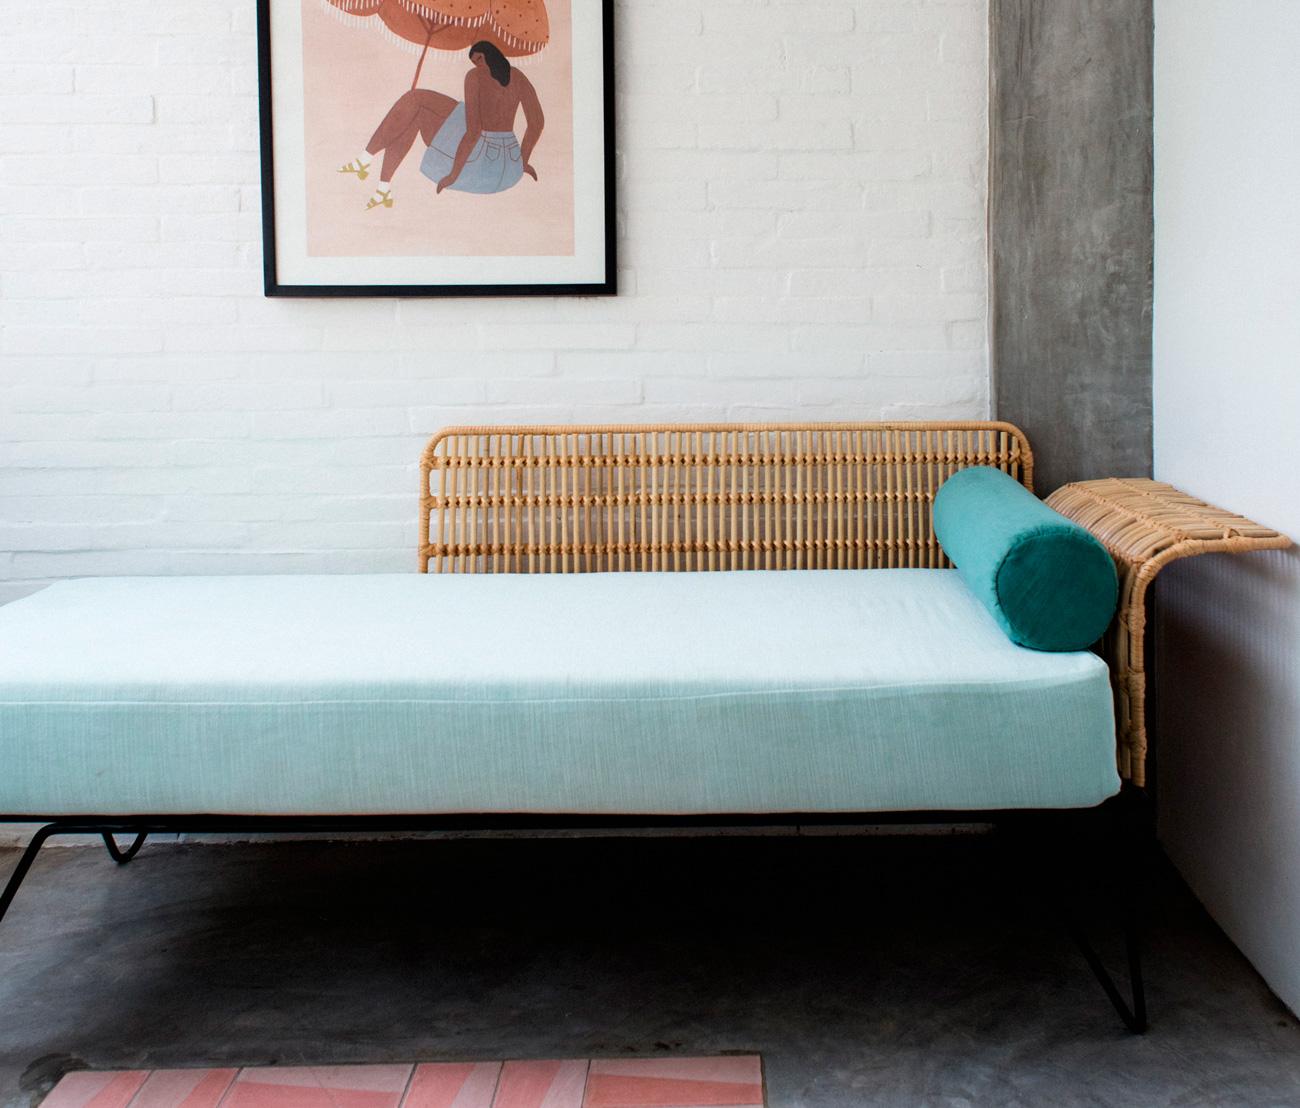 hotel-design-boutique-interiors-decor-cuarto4-donbonitoasas-beun